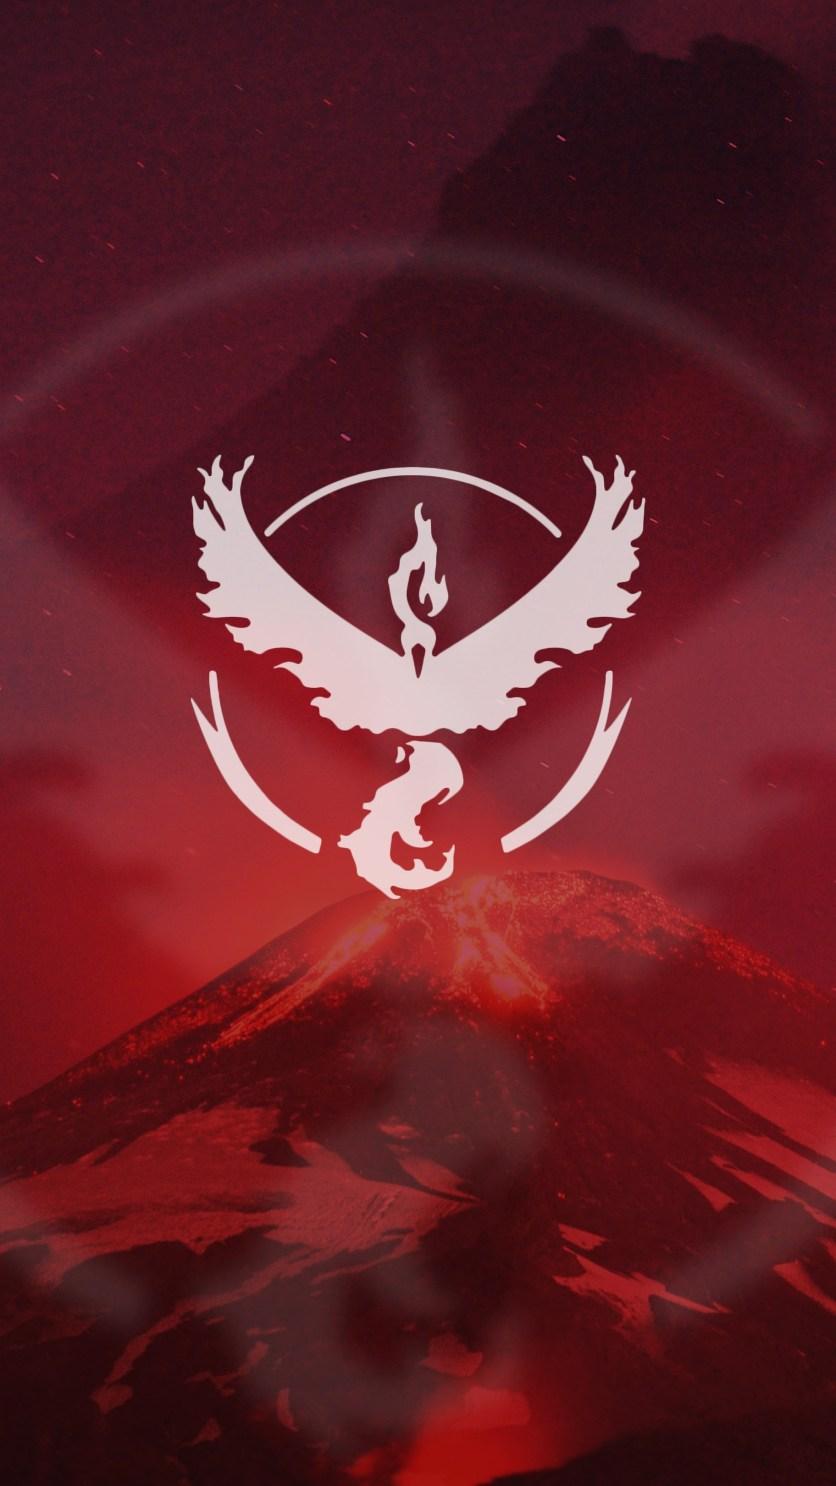 Pokemon_go_red_wallpapers_logo.jpg